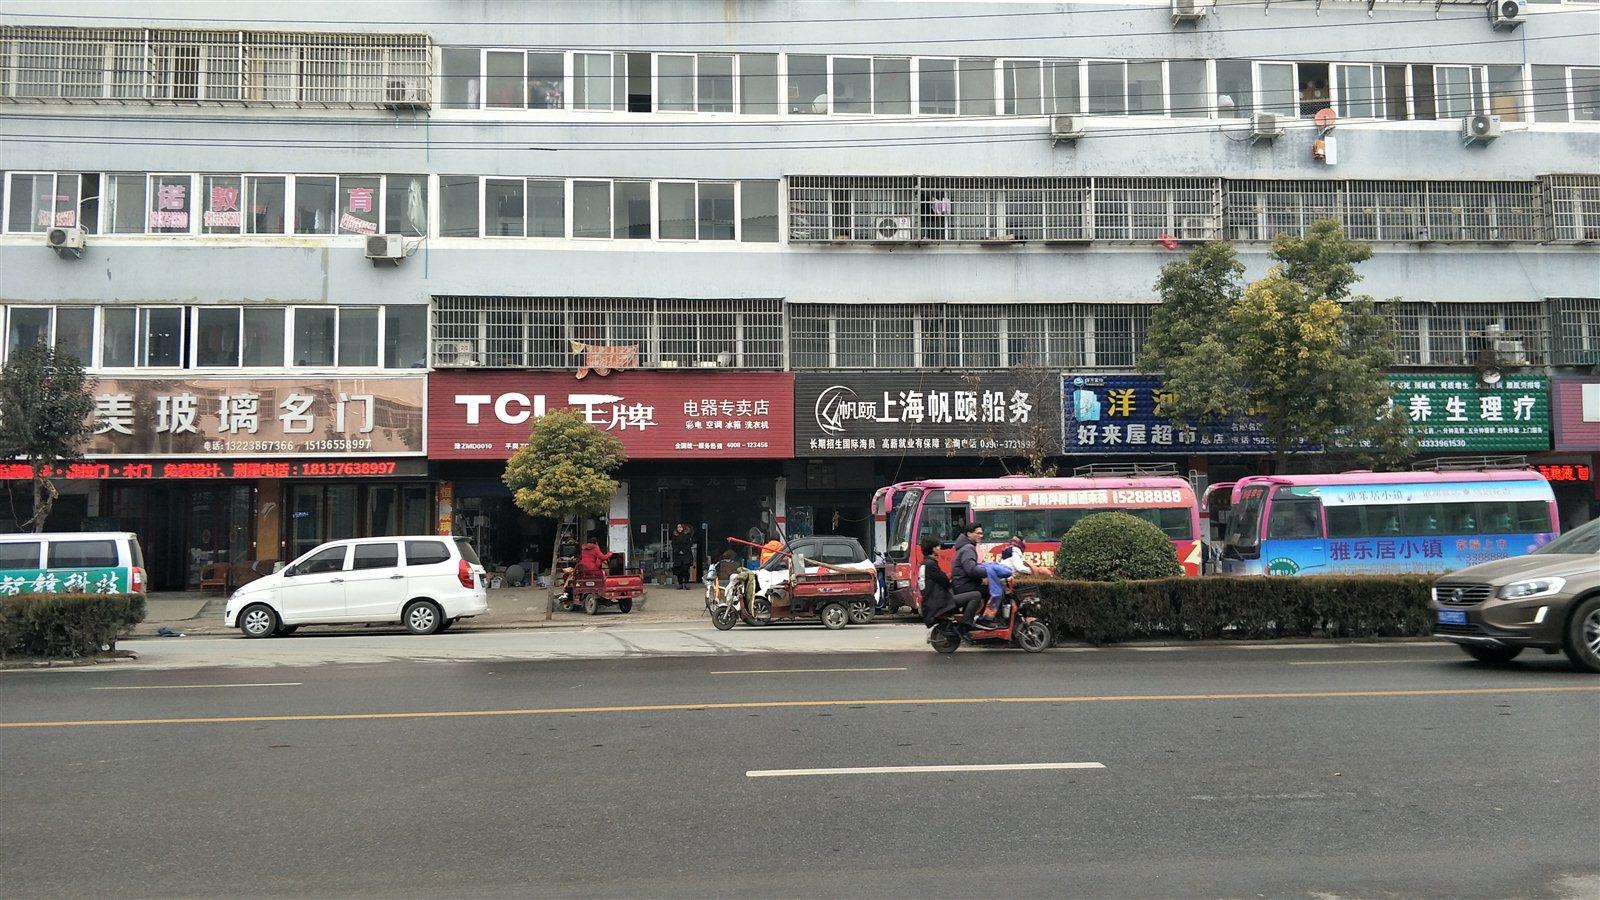 县城文化路正在经营的门店出售